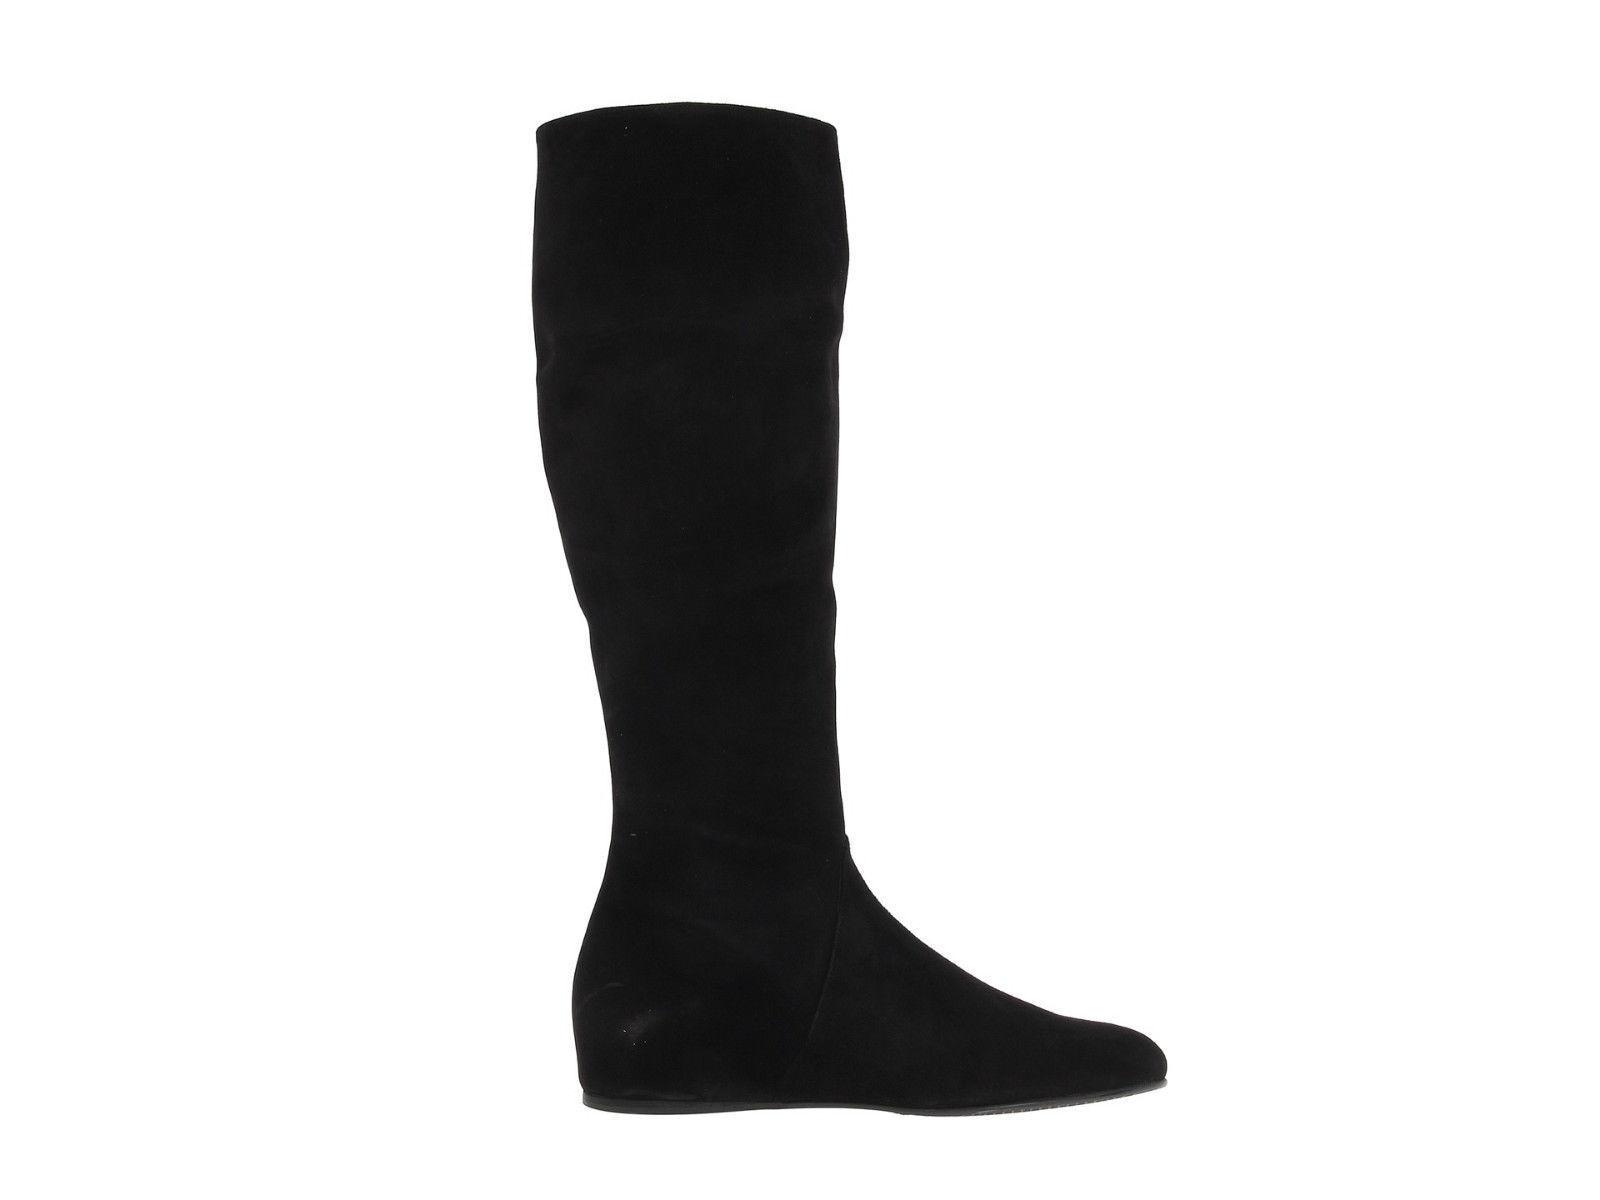 Nuevo  Tass 695+ Stuart Weitzman Tass  Negro Gamuza Cuña Oculta rodilla alta botas talla 5 M 695b6a